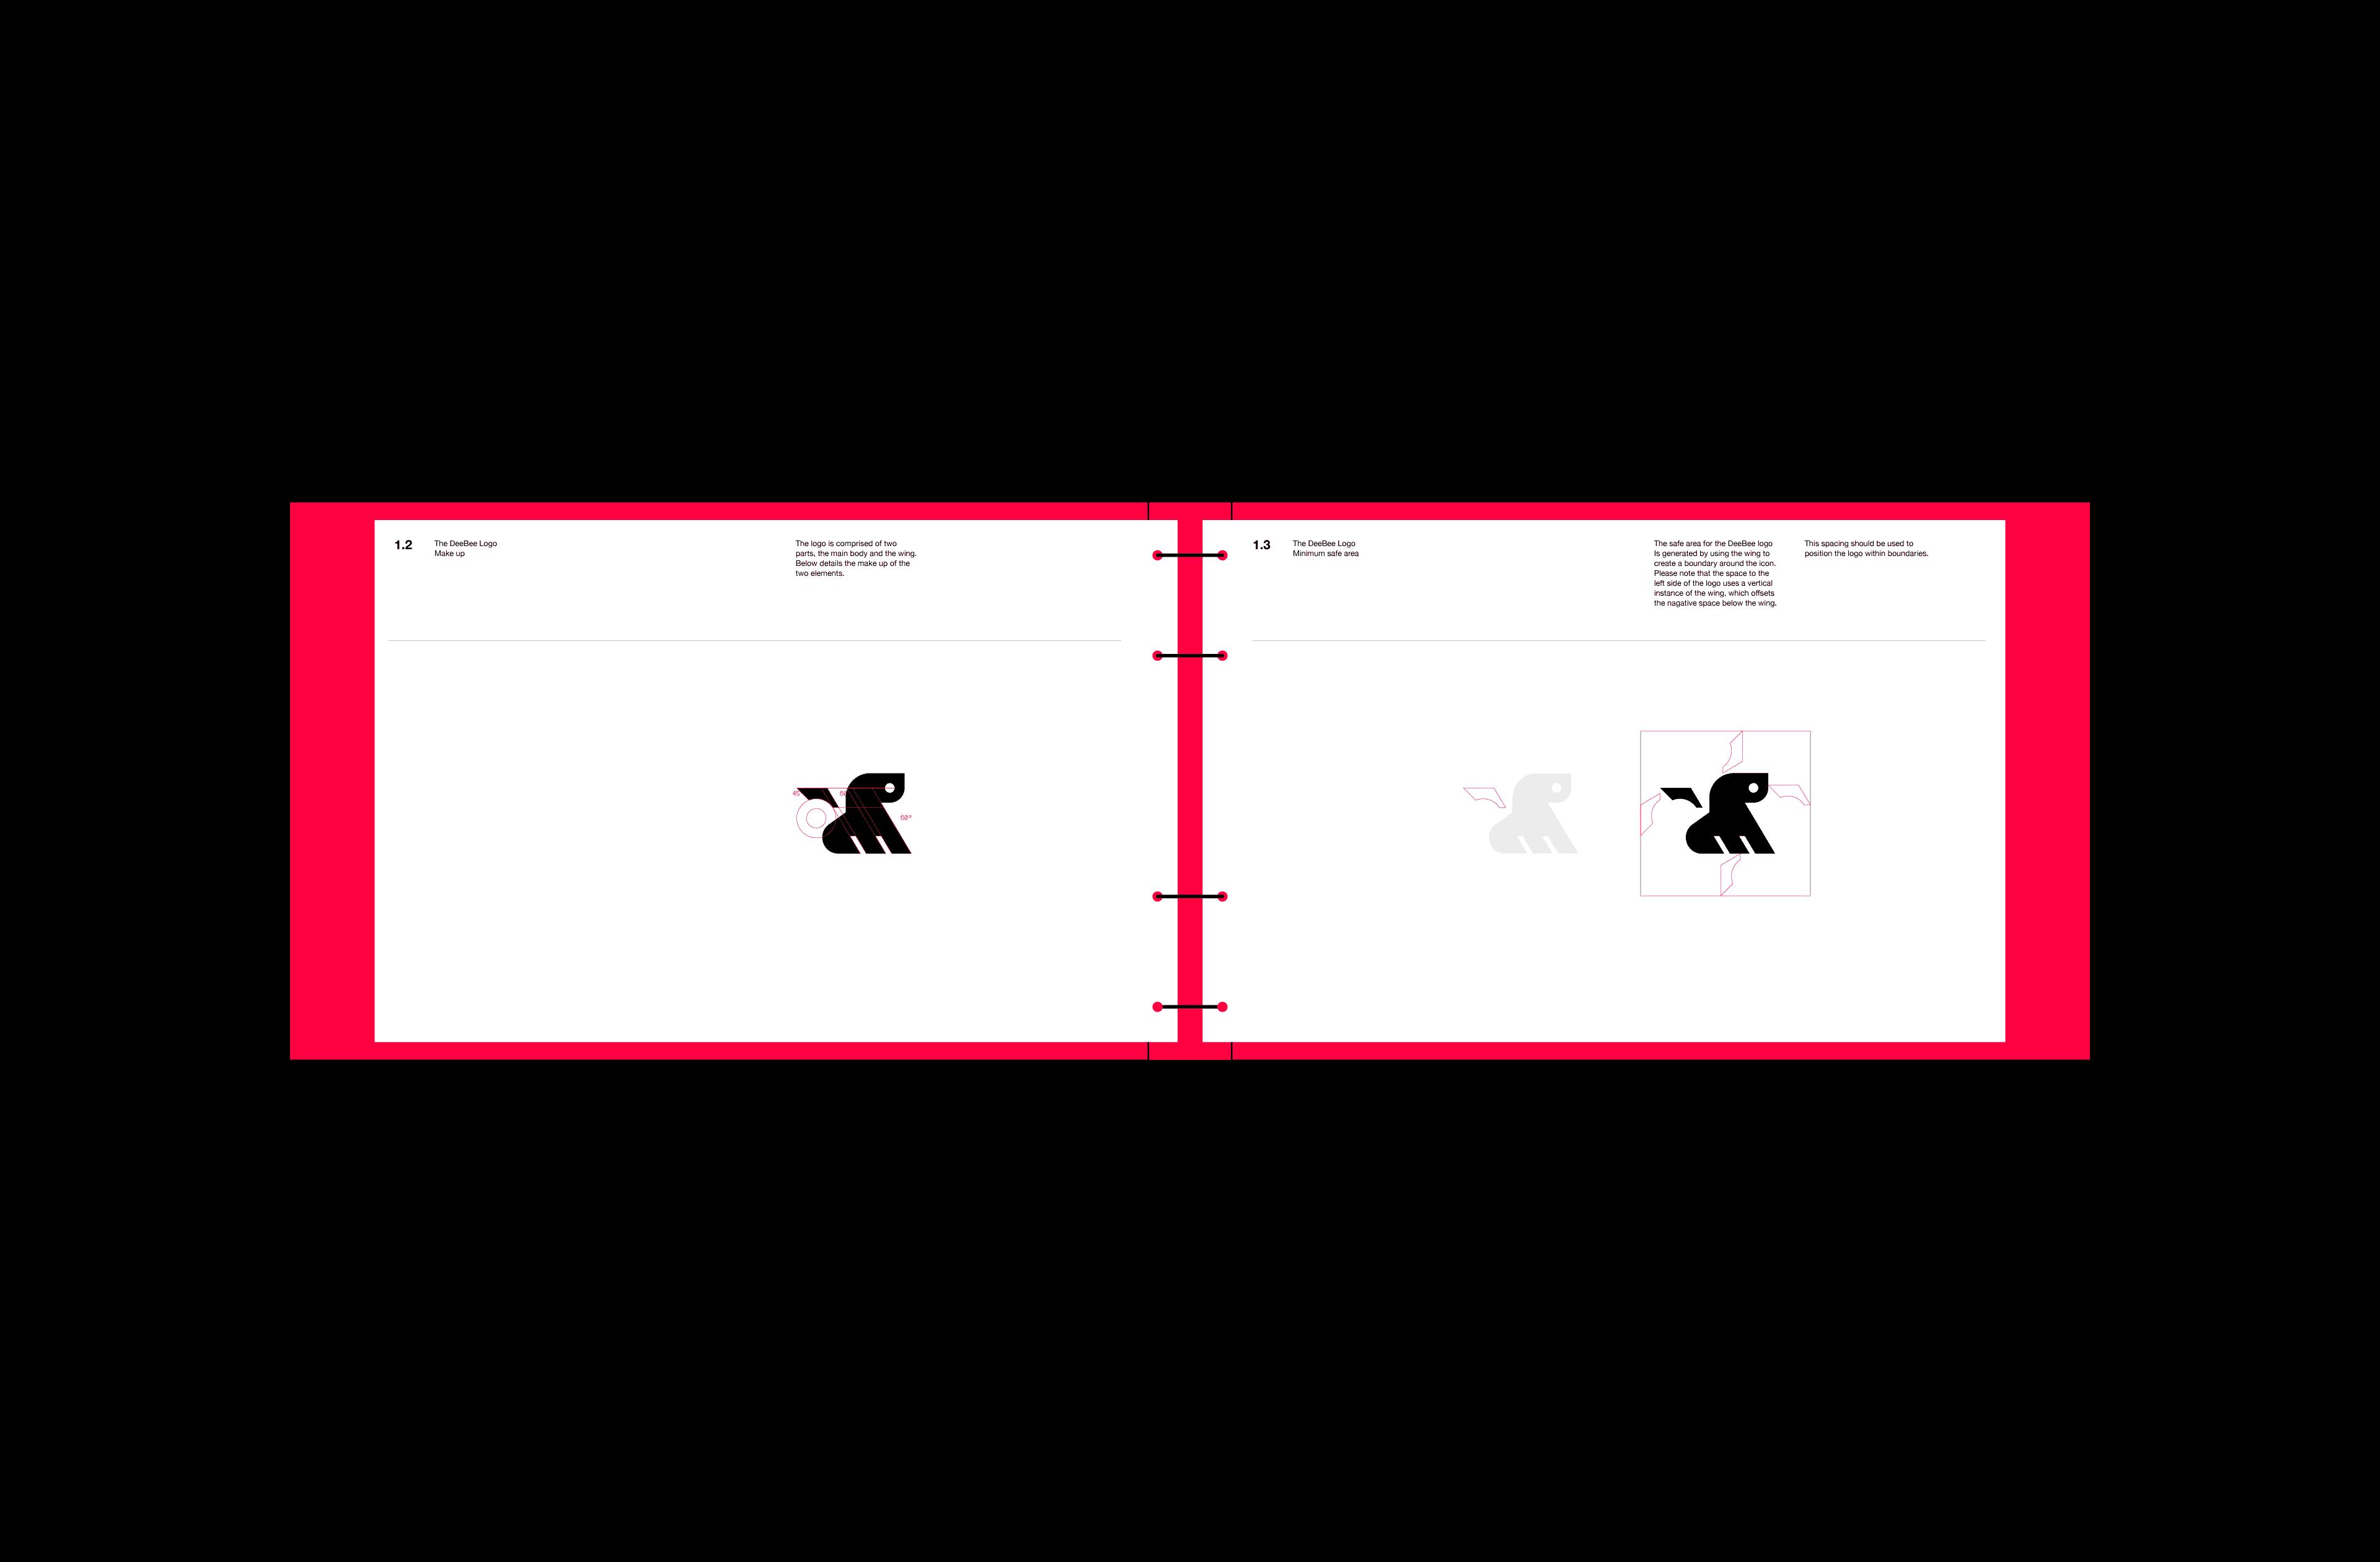 Dragonbaby-id-inside-2x